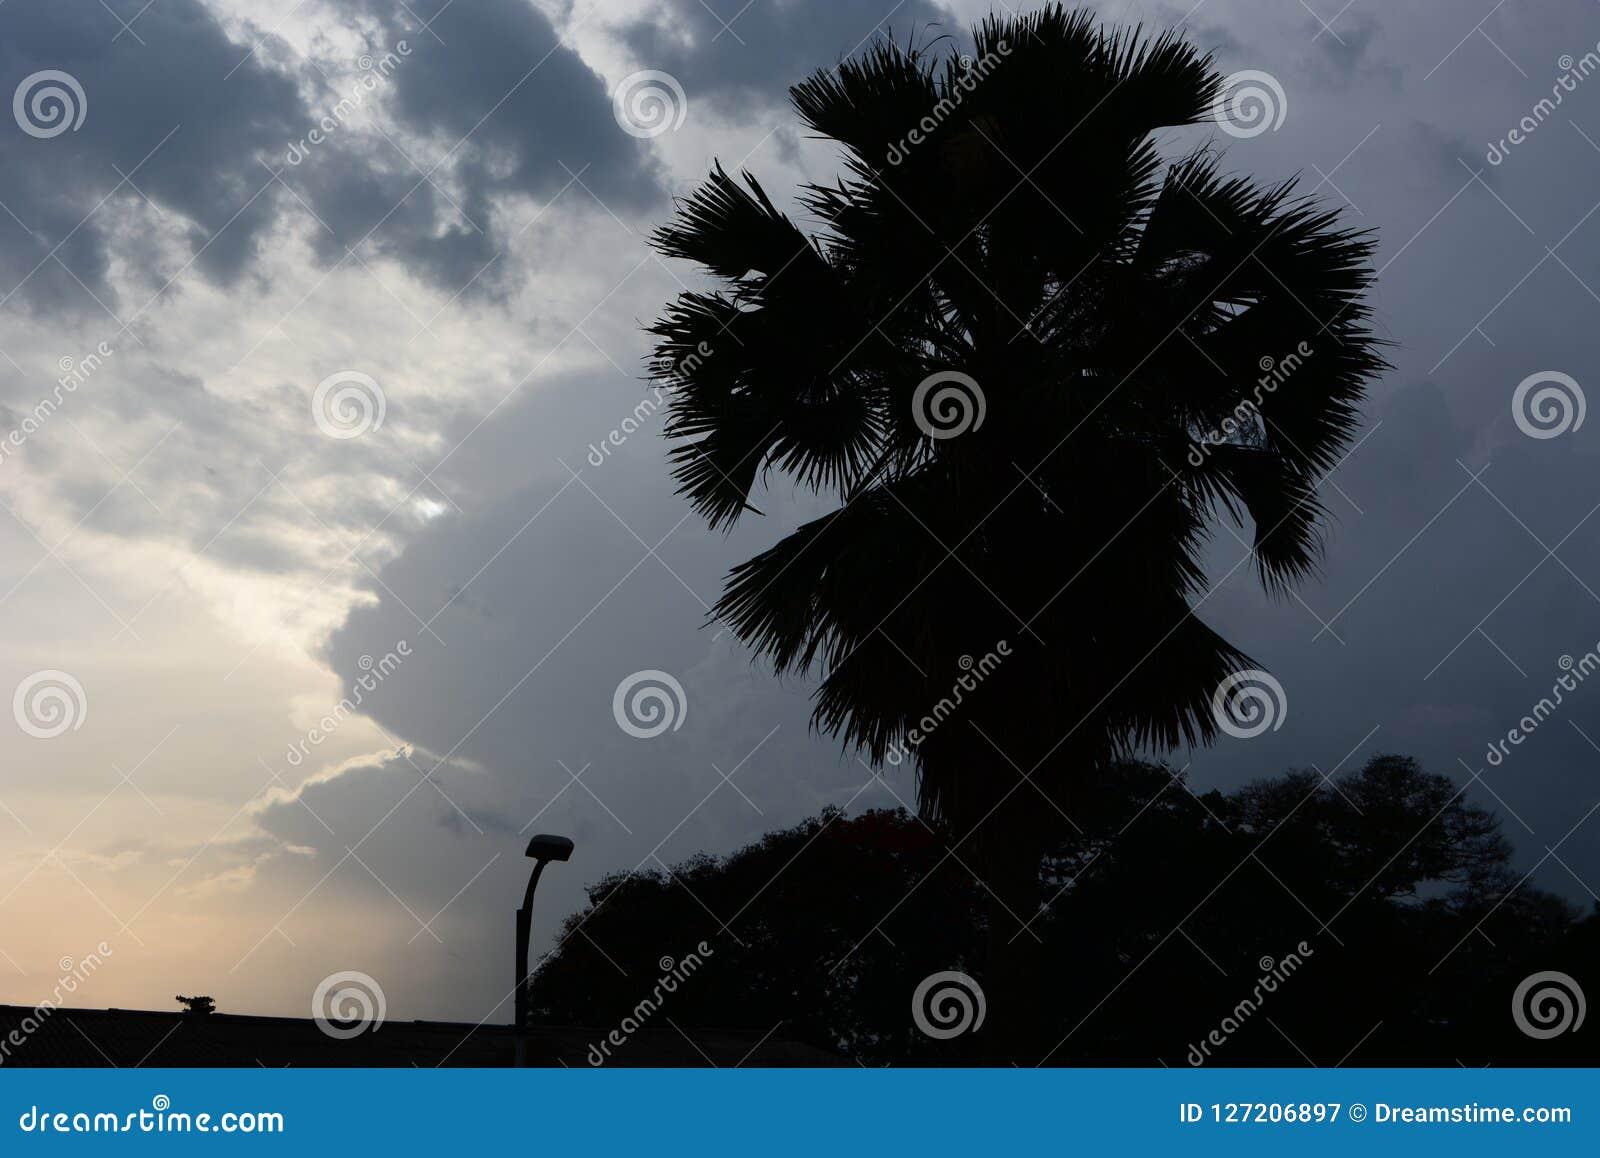 Osamotniony drzewko palmowe